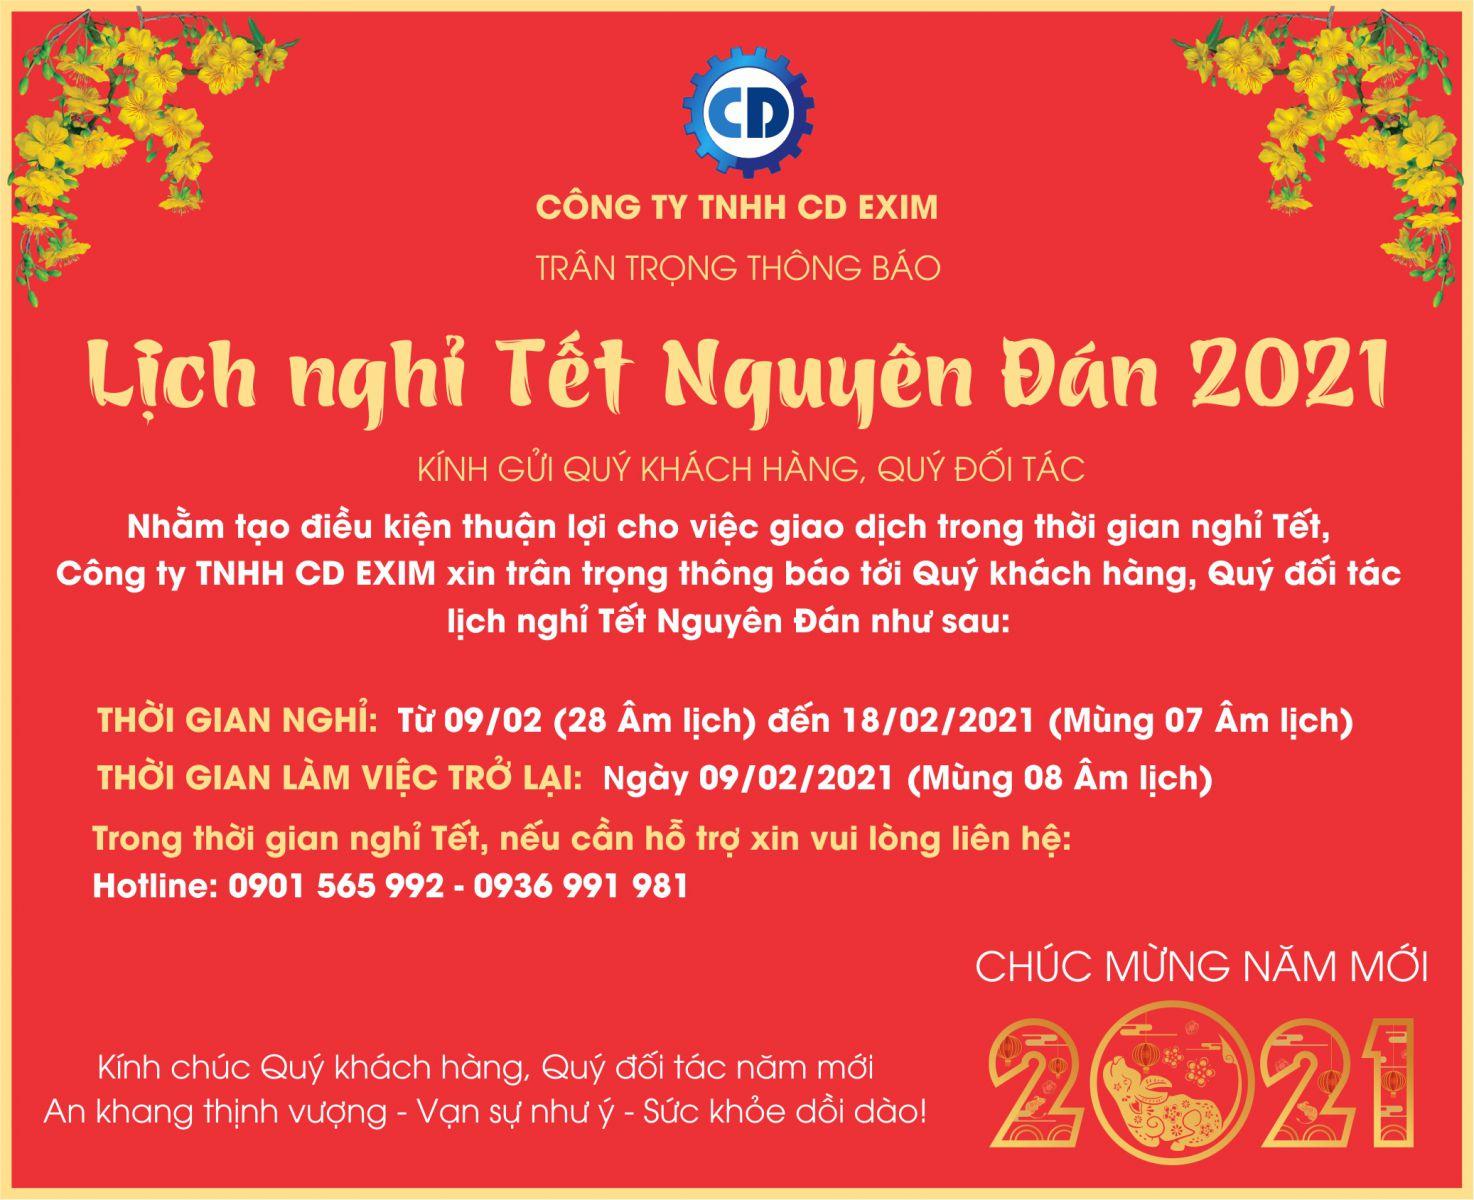 Lịch nghỉ Tết Nguyên Đán  2021 CTY TNHH CD EXIM